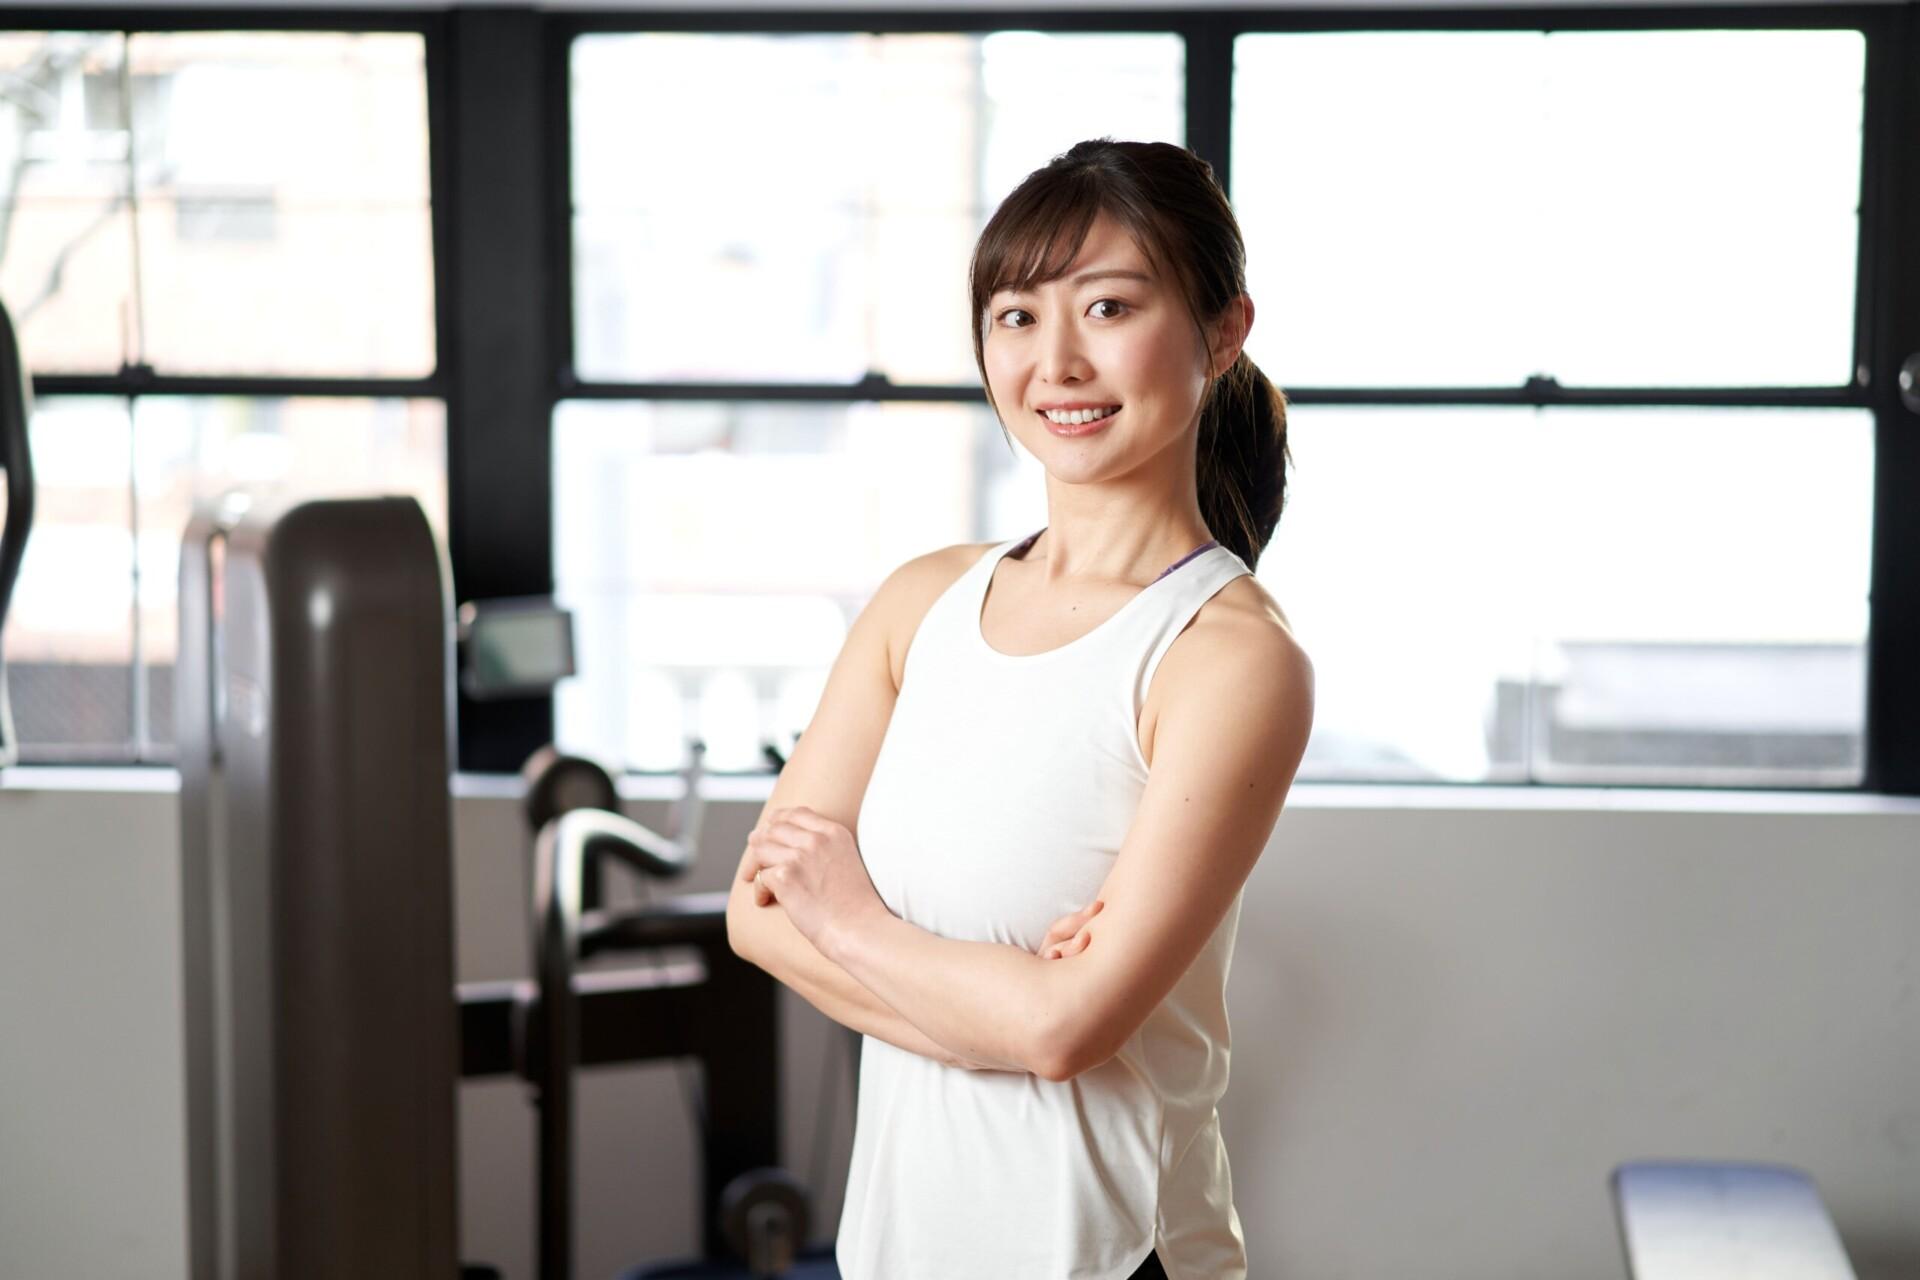 昭和区 パーソナルジム 女性が腕を組んでいる写真